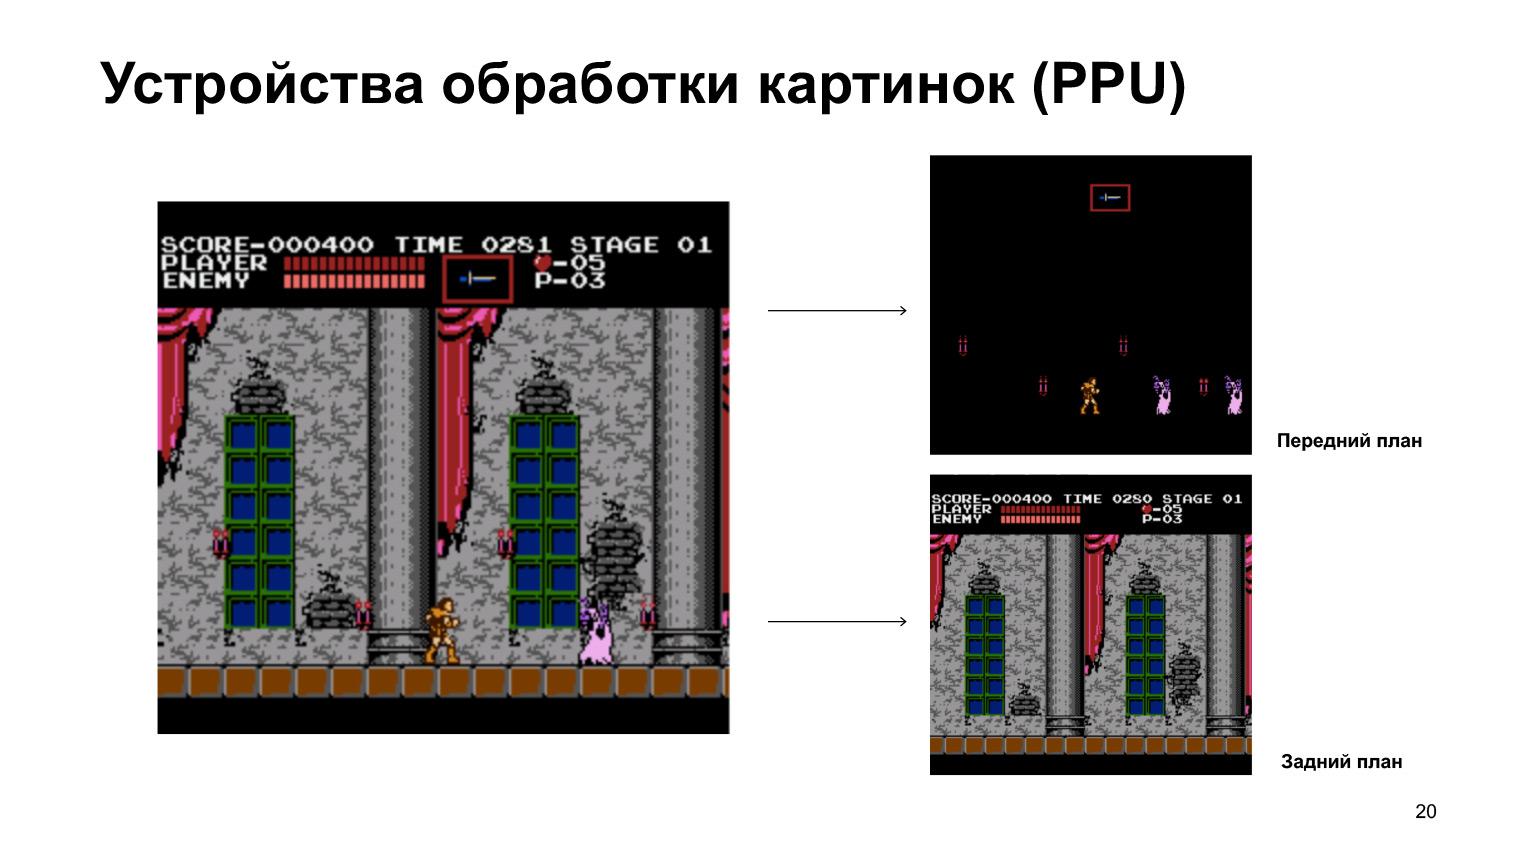 Эмуляция NES-Famicom-Денди на веб-технологиях. Доклад Яндекса - 15